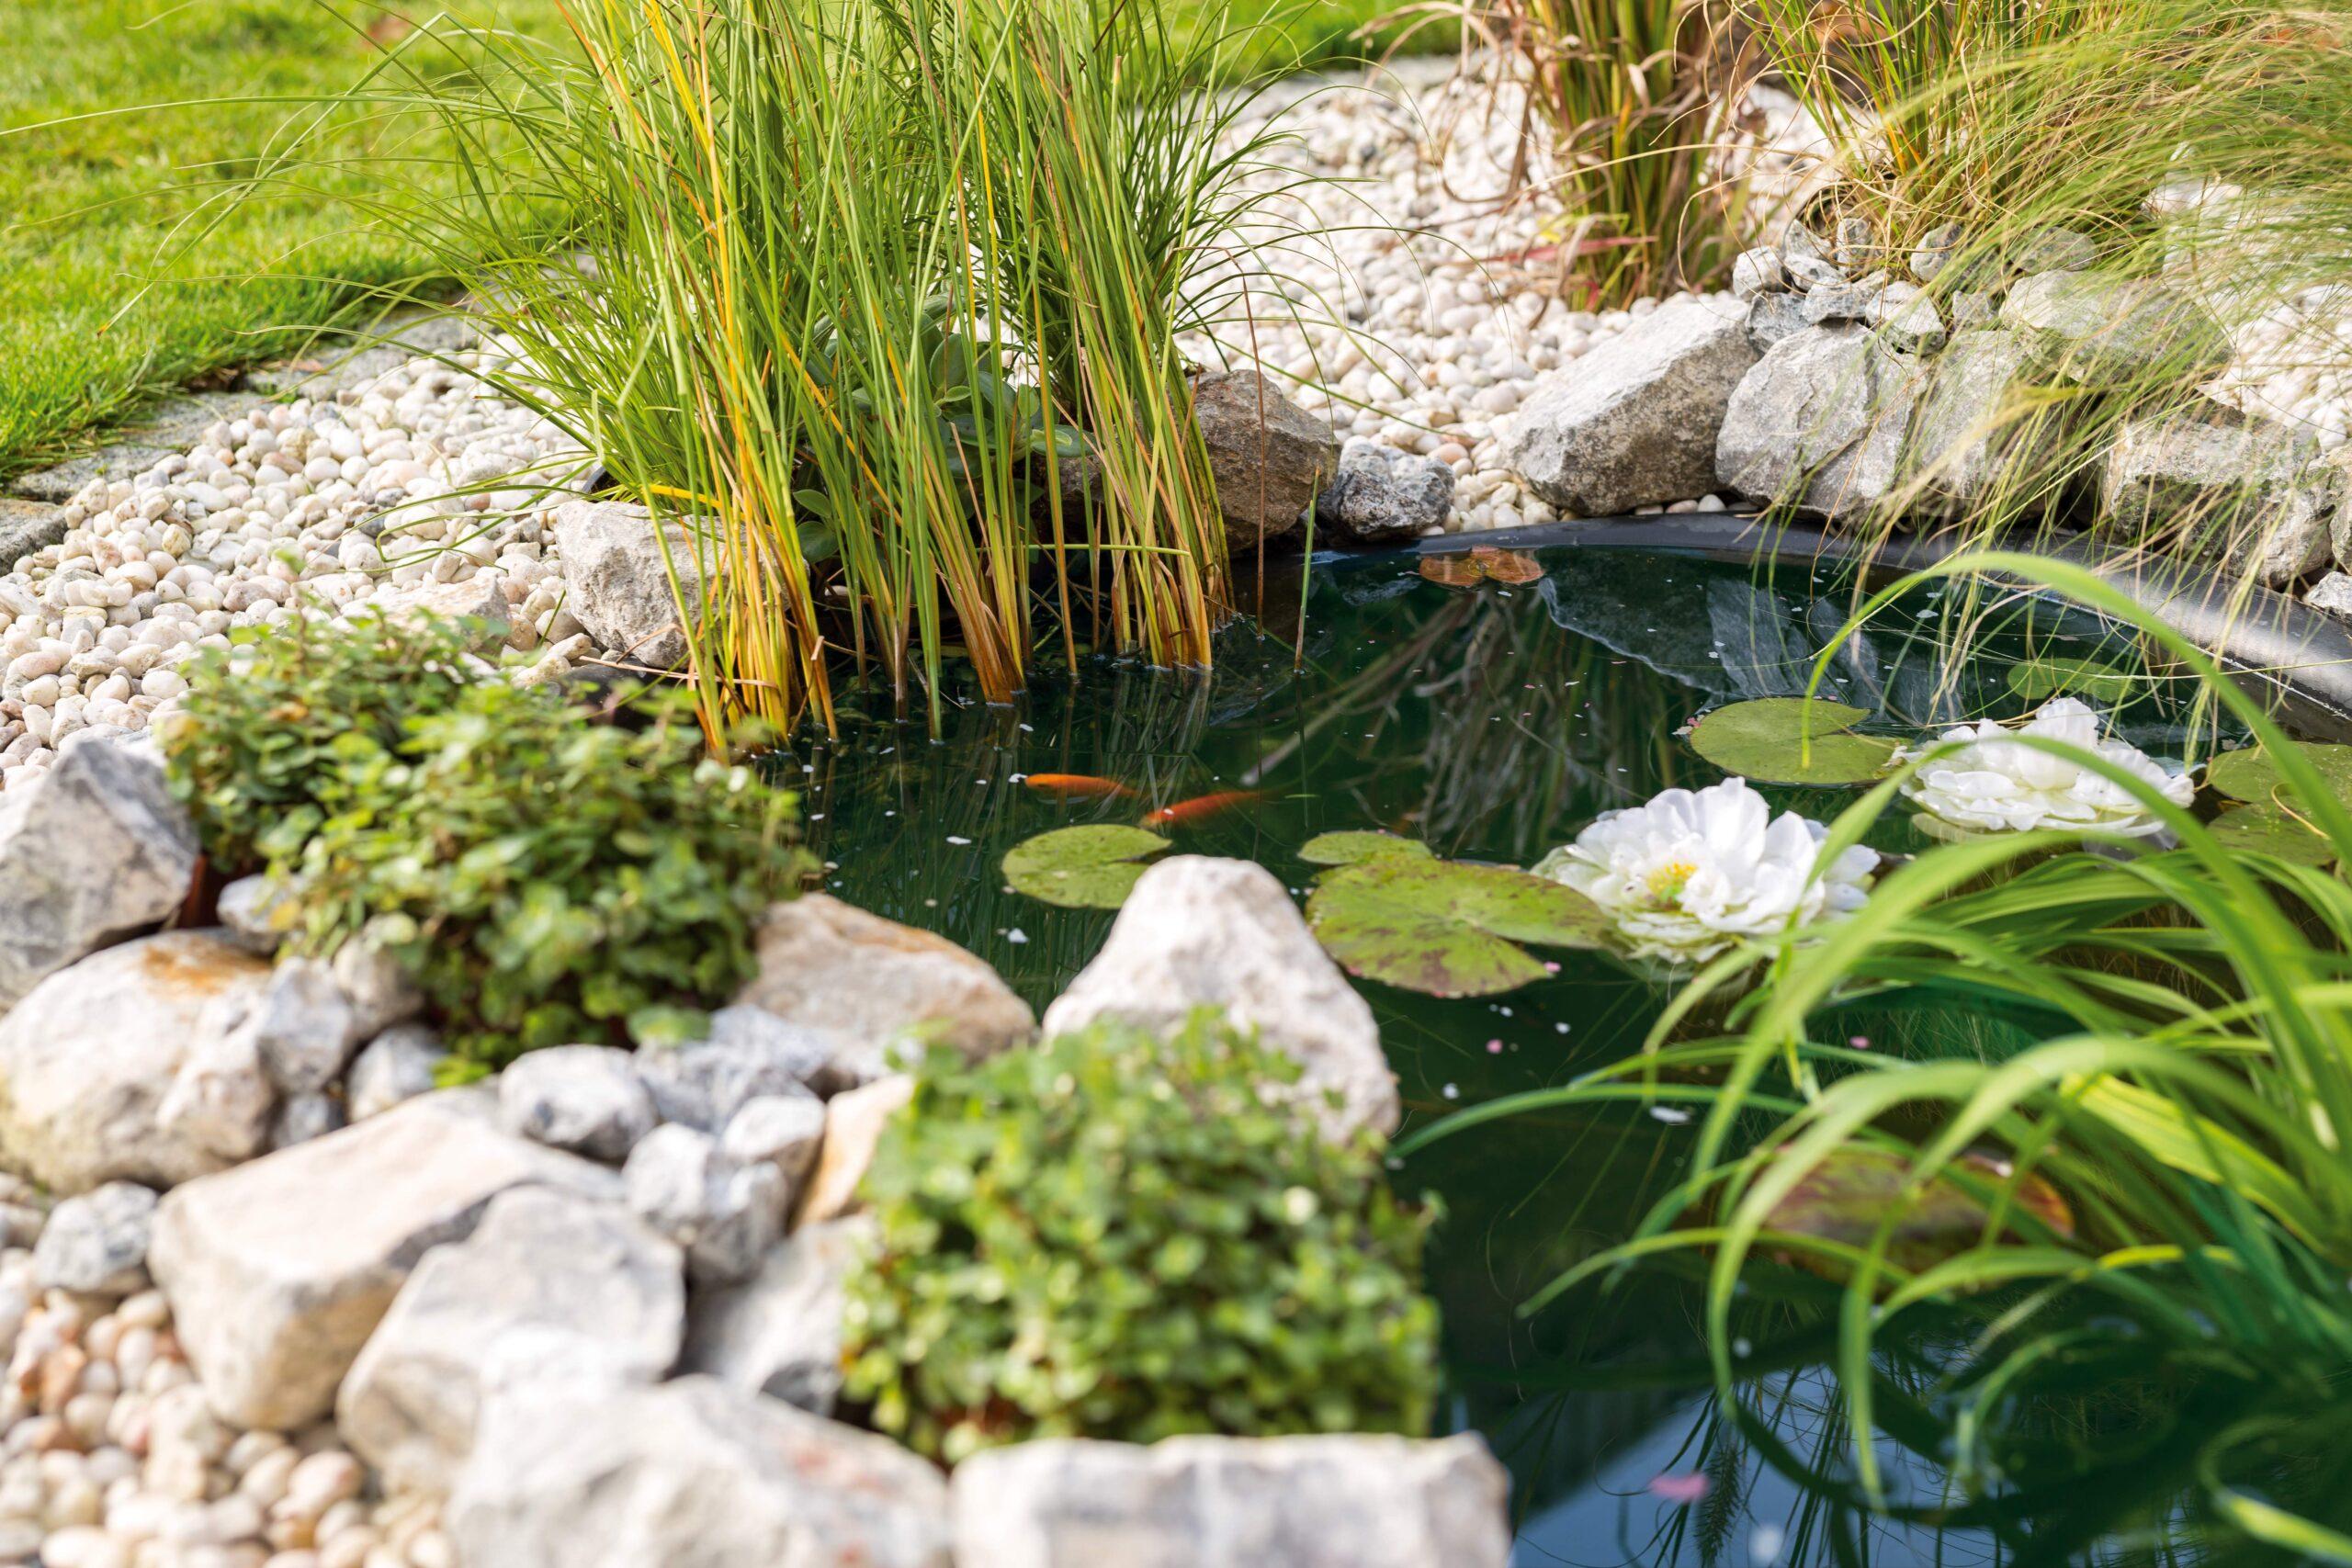 Full Size of Solar Springbrunnen Obi Brunnen Fenster Regale Immobilienmakler Baden Einbauküche Nobilia Immobilien Bad Homburg Küche Mobile Wohnzimmer Solar Springbrunnen Obi